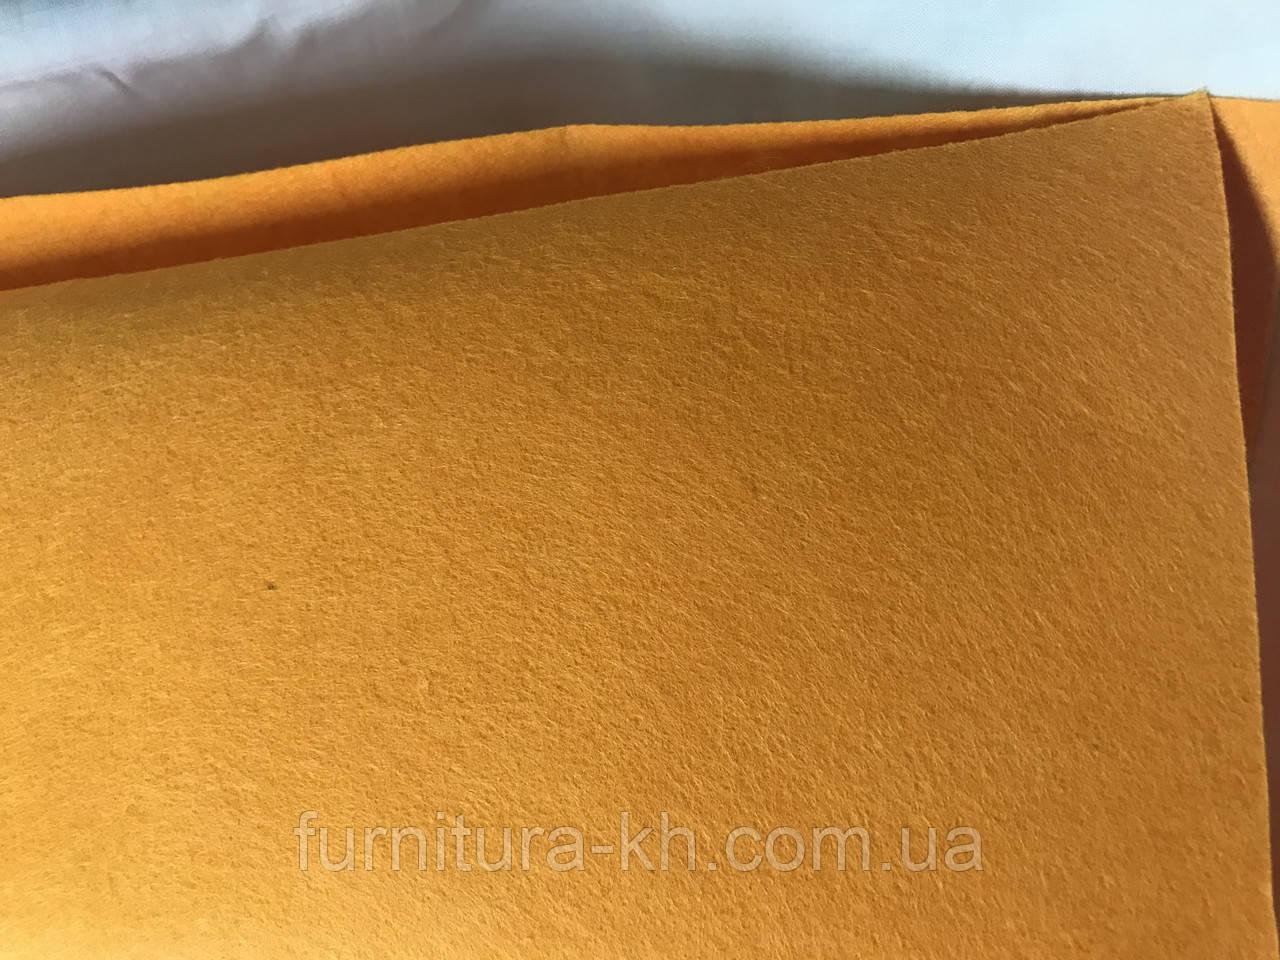 Фетр Темно Желтый размер 50 Х 40 см, толщина 1 мм